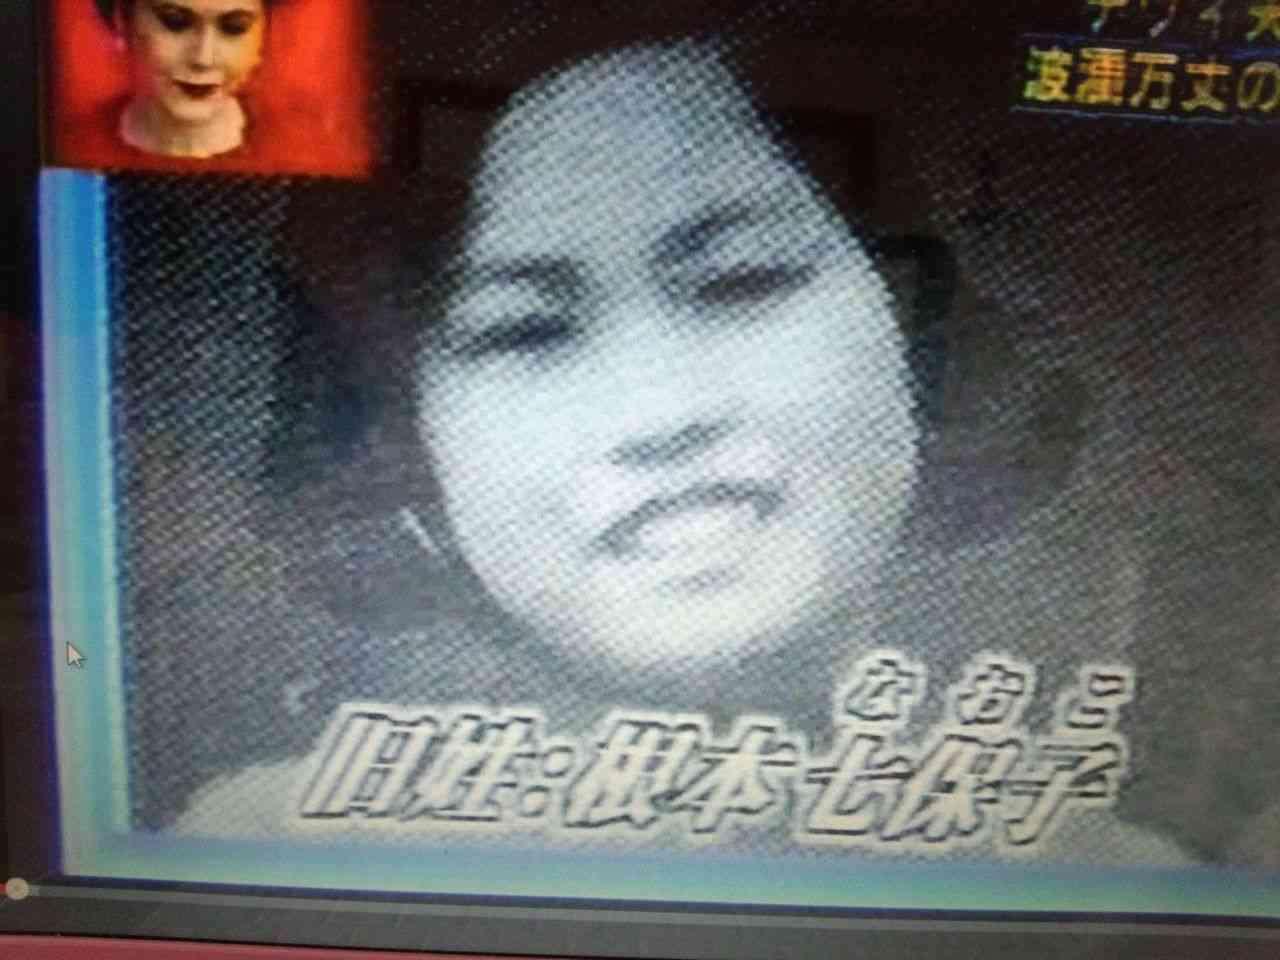 デヴィ夫人の現金約200万円が差し押さえ 2011年の大津市のいじめ問題で